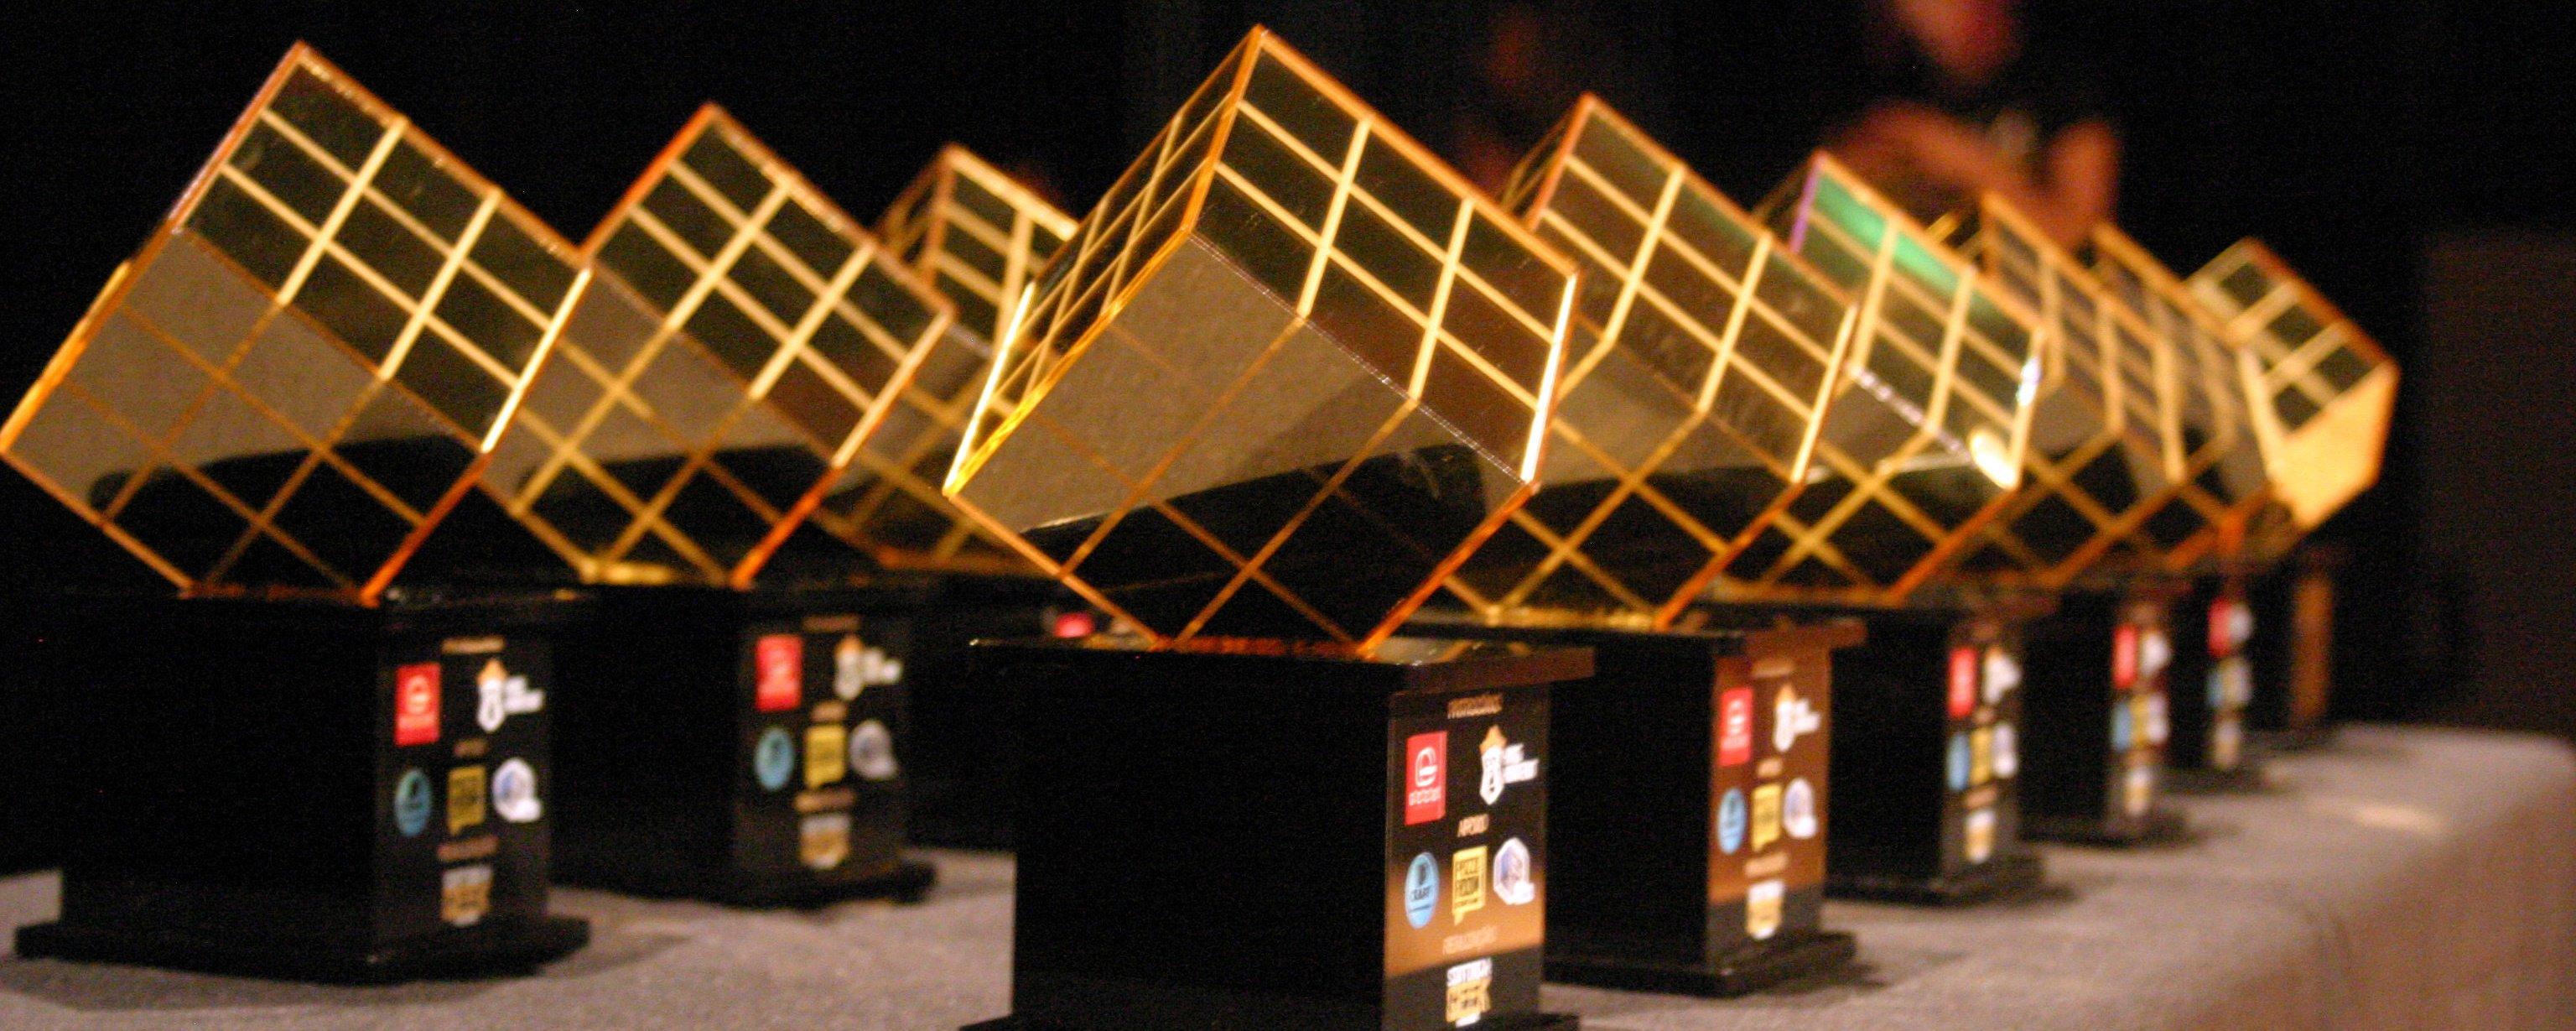 Mega Curioso é finalista do Prêmio Cubo de Ouro 2019; veja como votar!